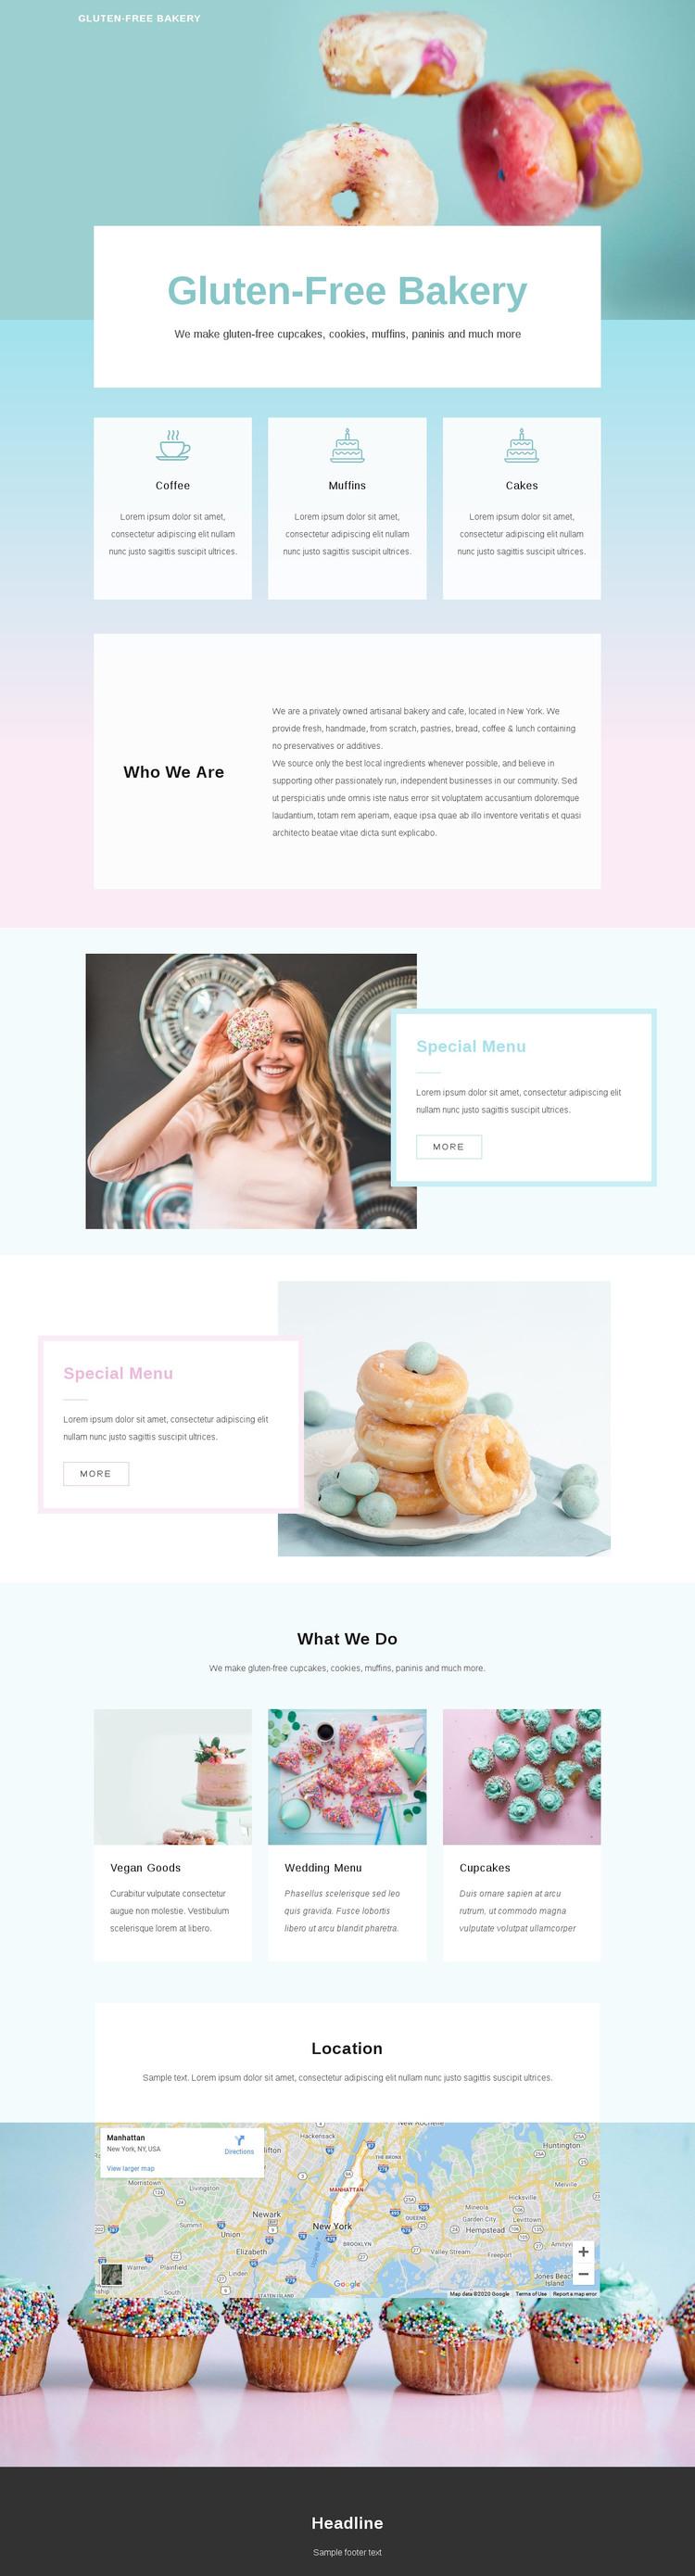 Gluten-Free Backery WordPress Website